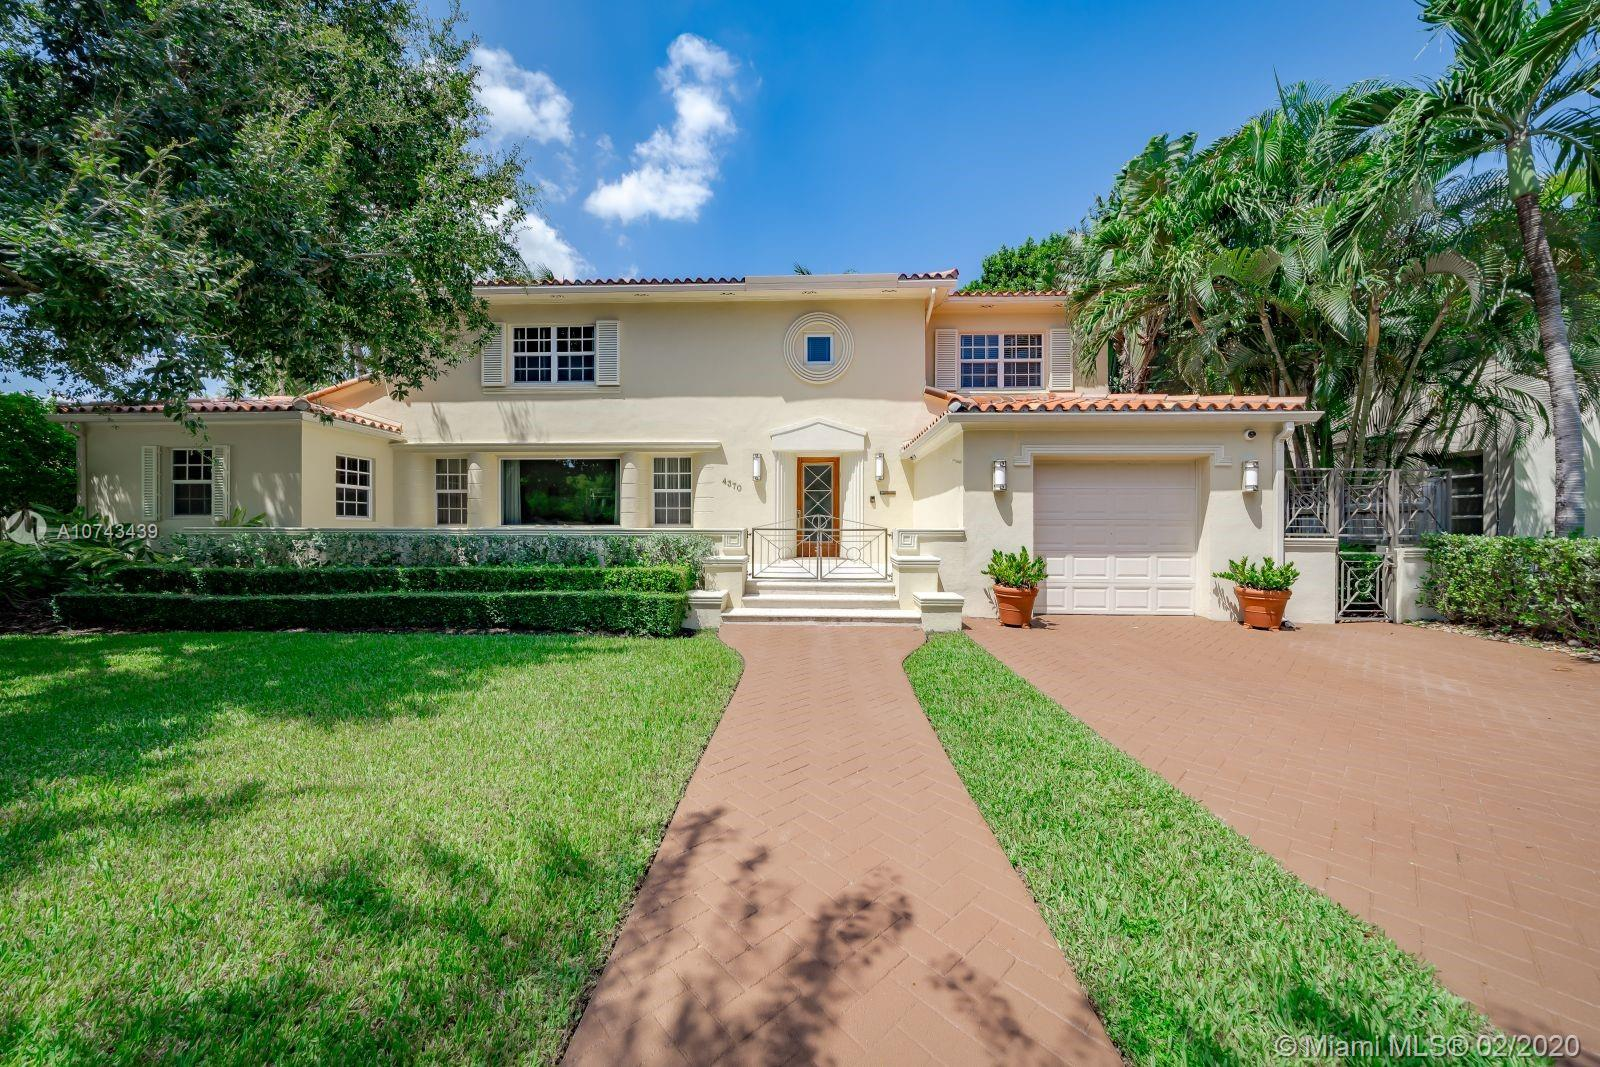 4370 Nautilus Dr, Miami Beach, FL 33140